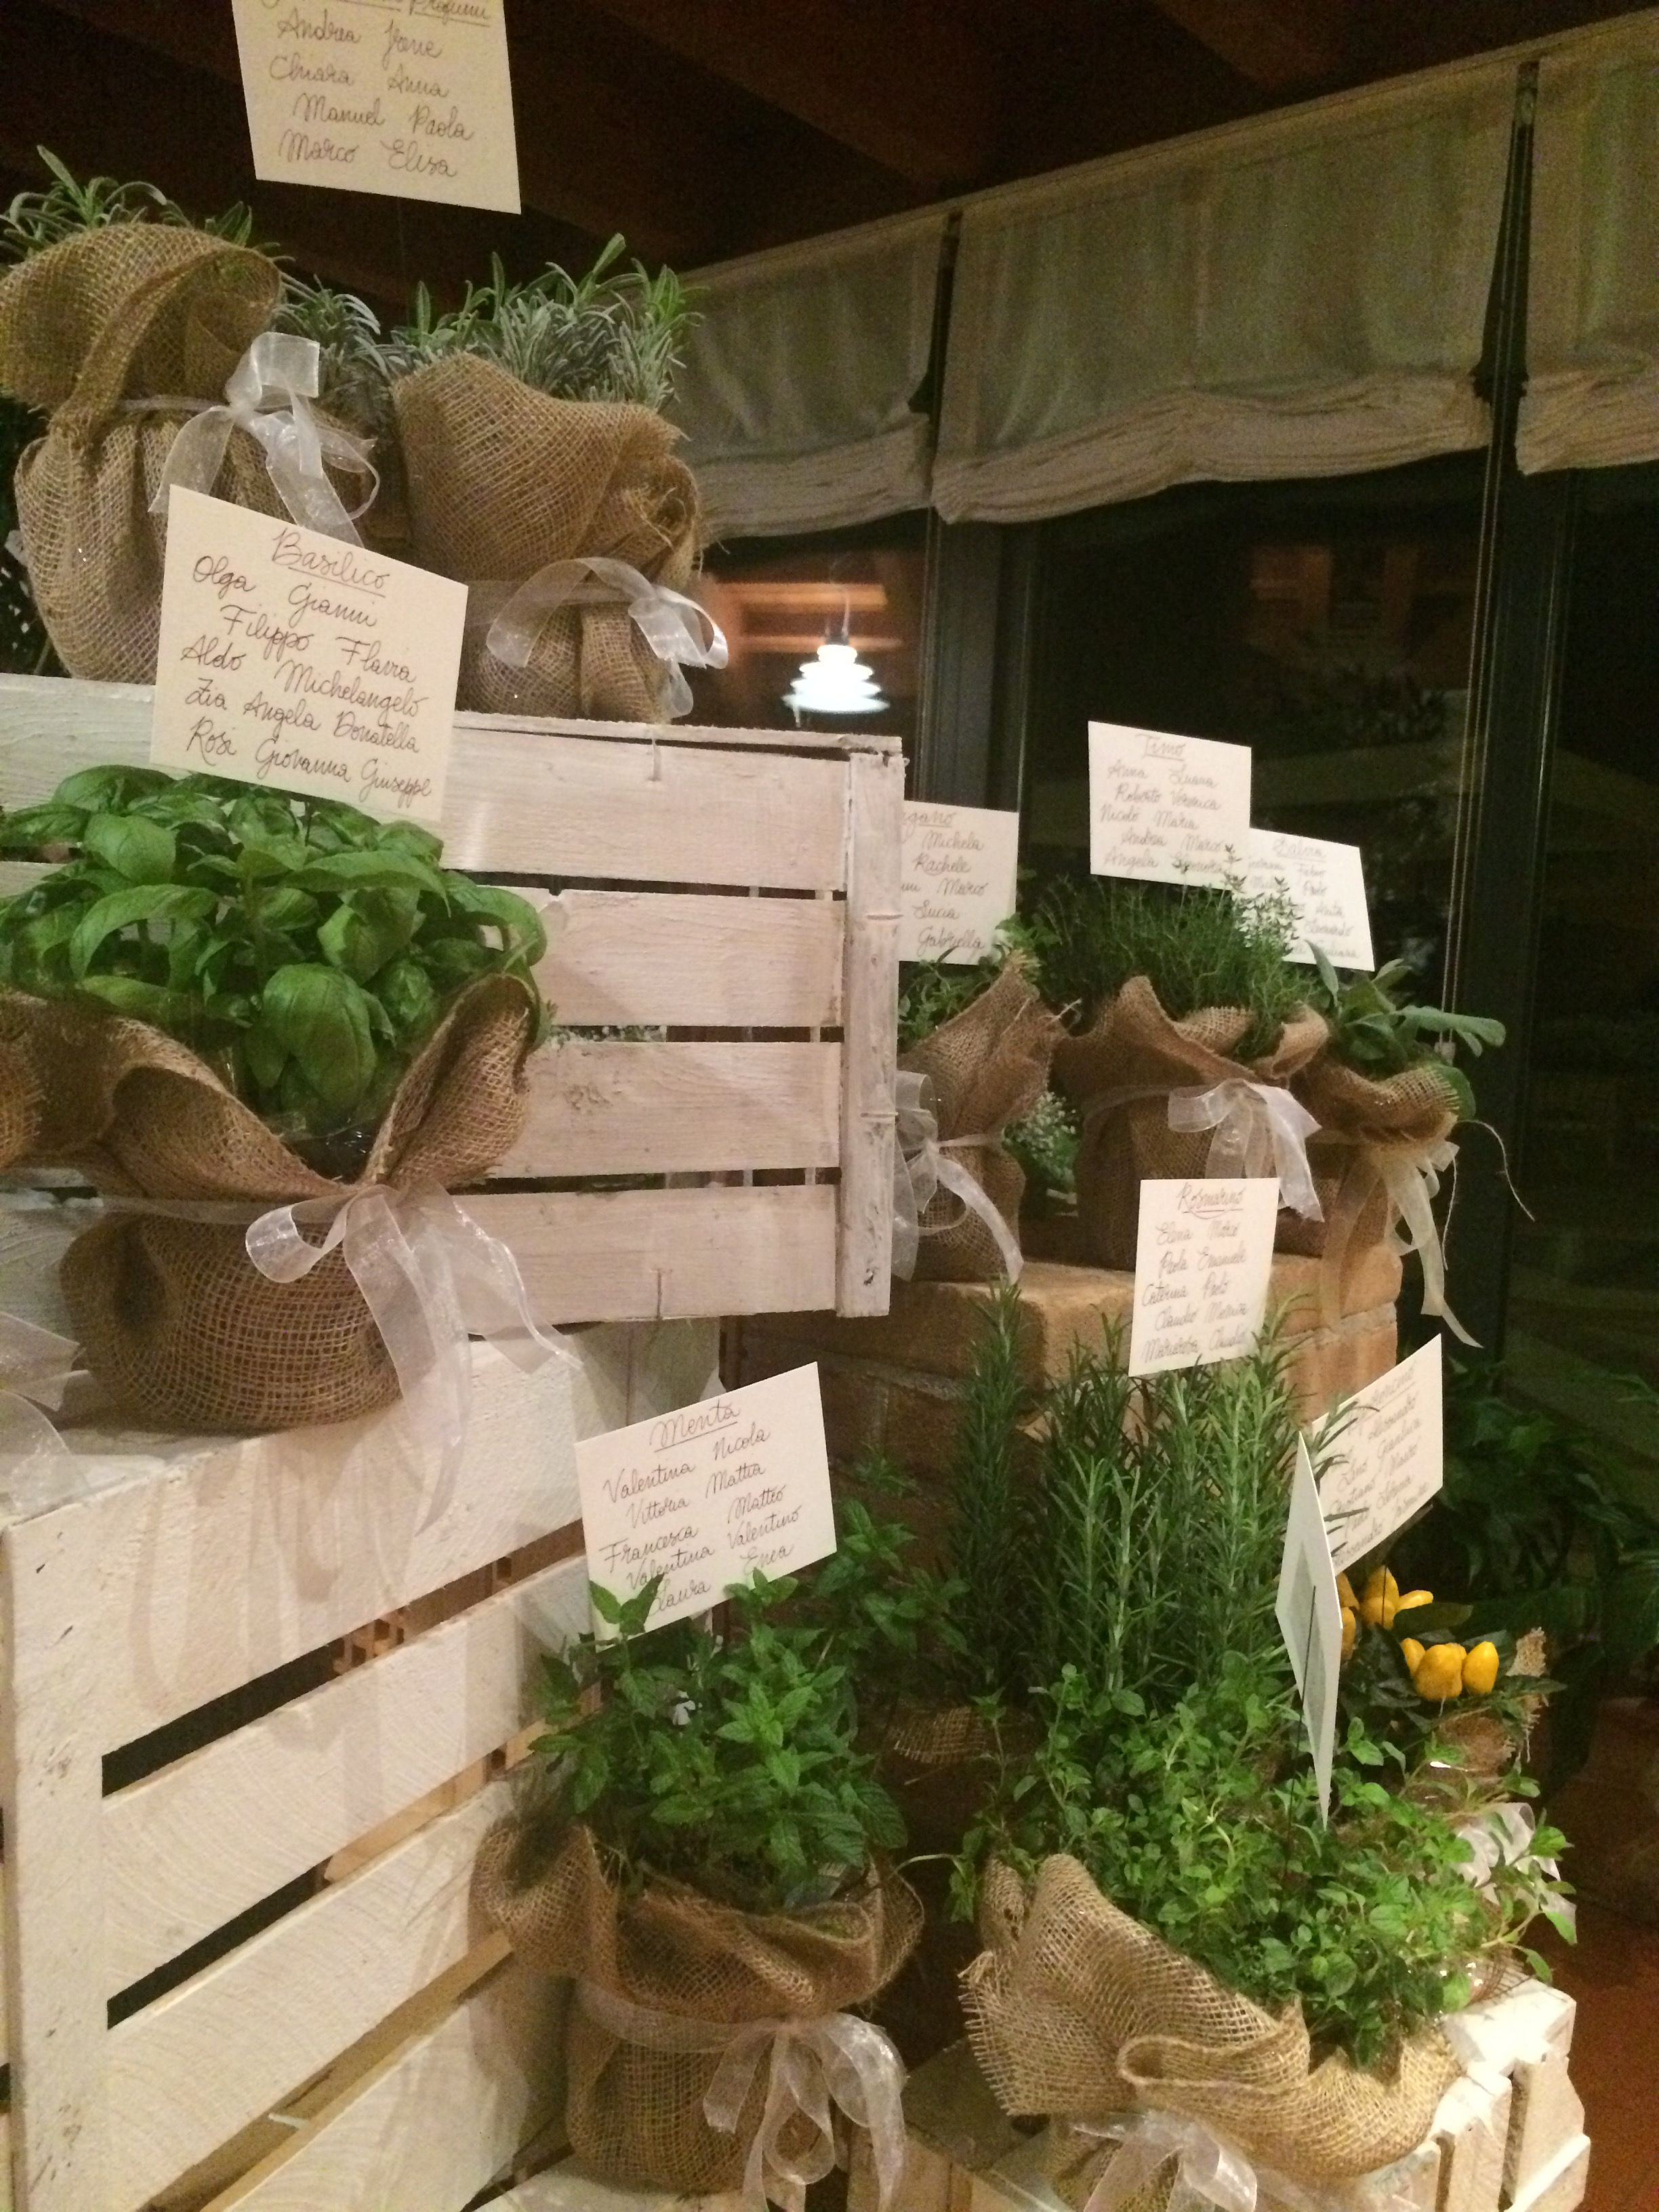 Tableau Matrimonio Tema Erbe Aromatiche : Tè e teiere per un matrimonio a tema aromatic plants